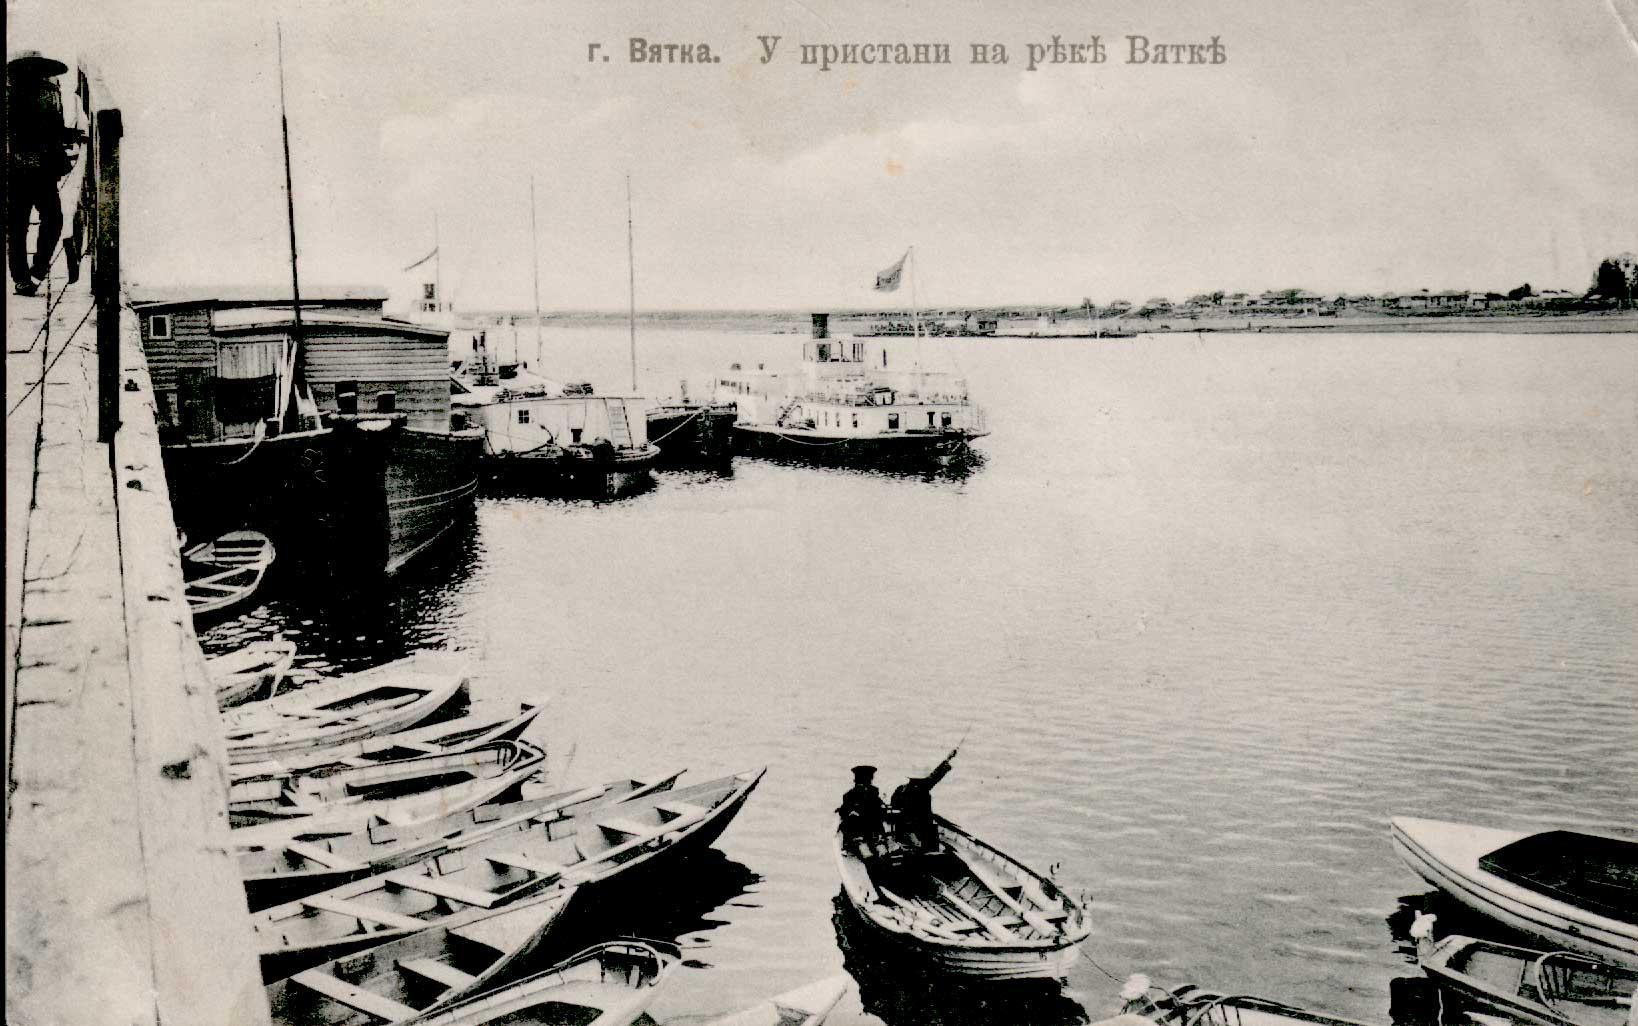 У пристани на реке Вятка